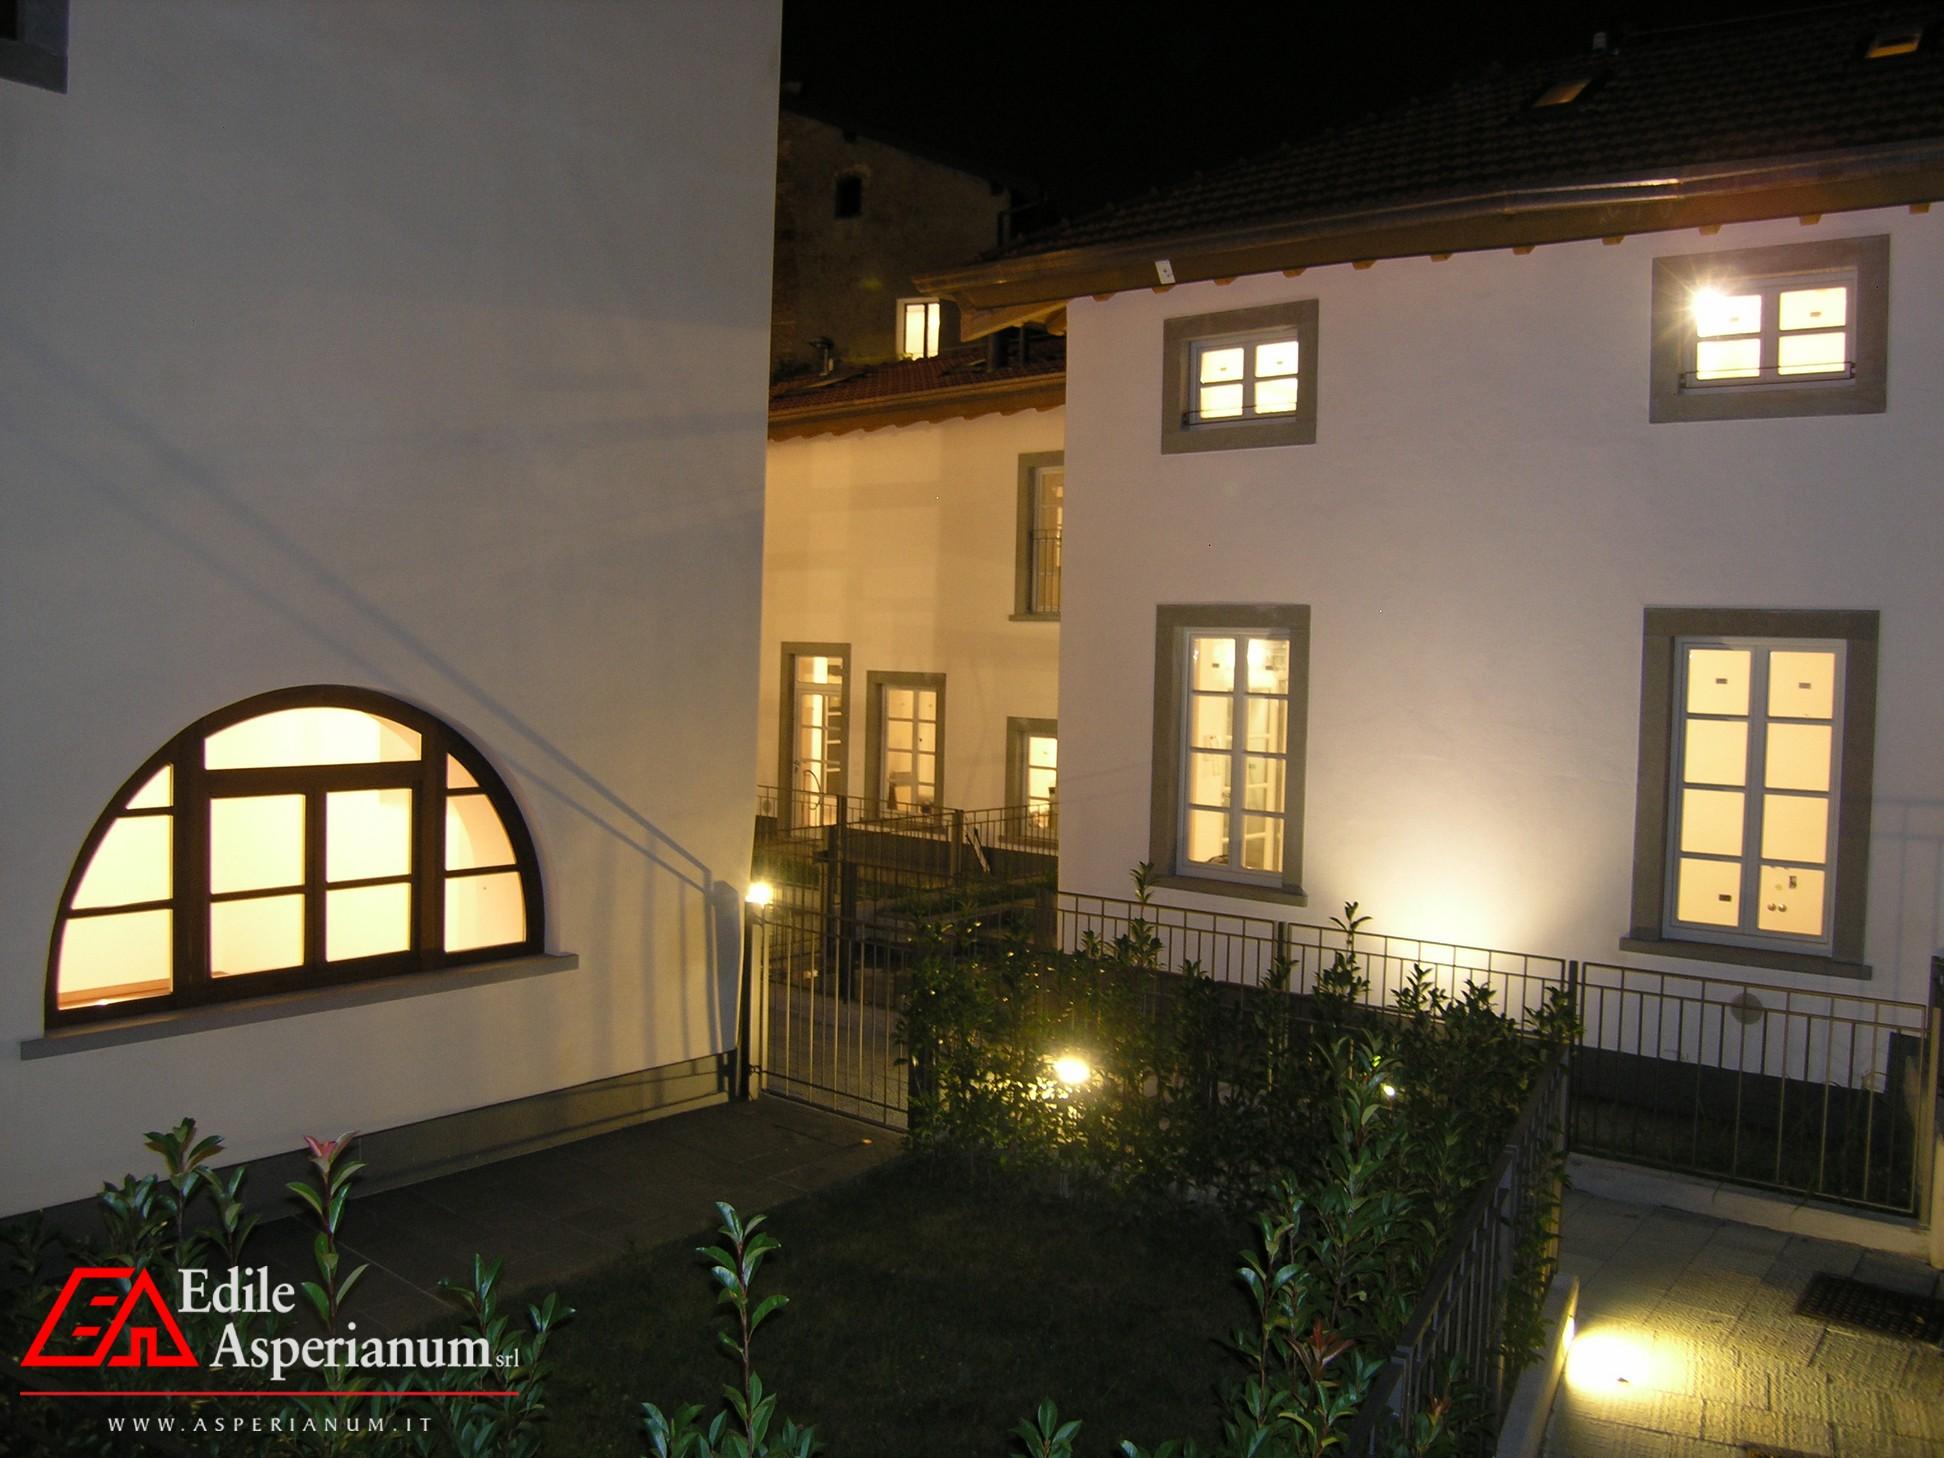 Vendita Trilocale all'Opificio di Gorlago – Bergamo